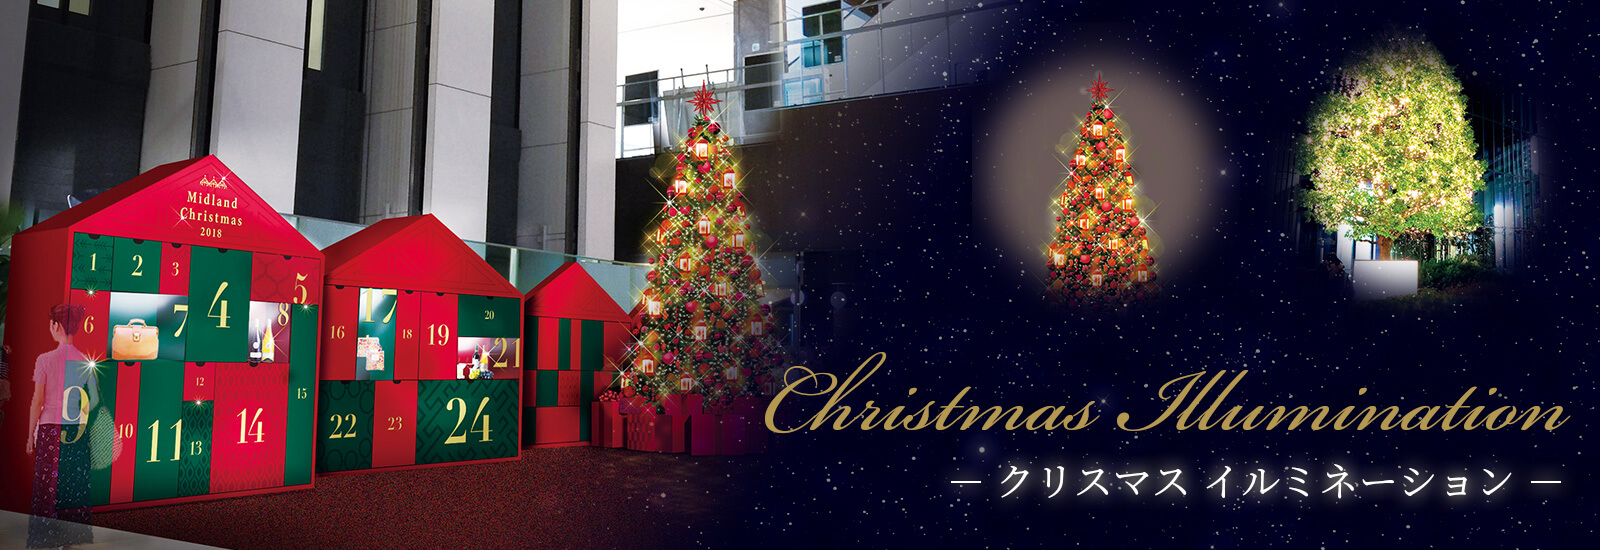 クリスマスシーズン到来!名古屋駅で『ミッドランドクリスマス2018』が開催中 - illumi bnr